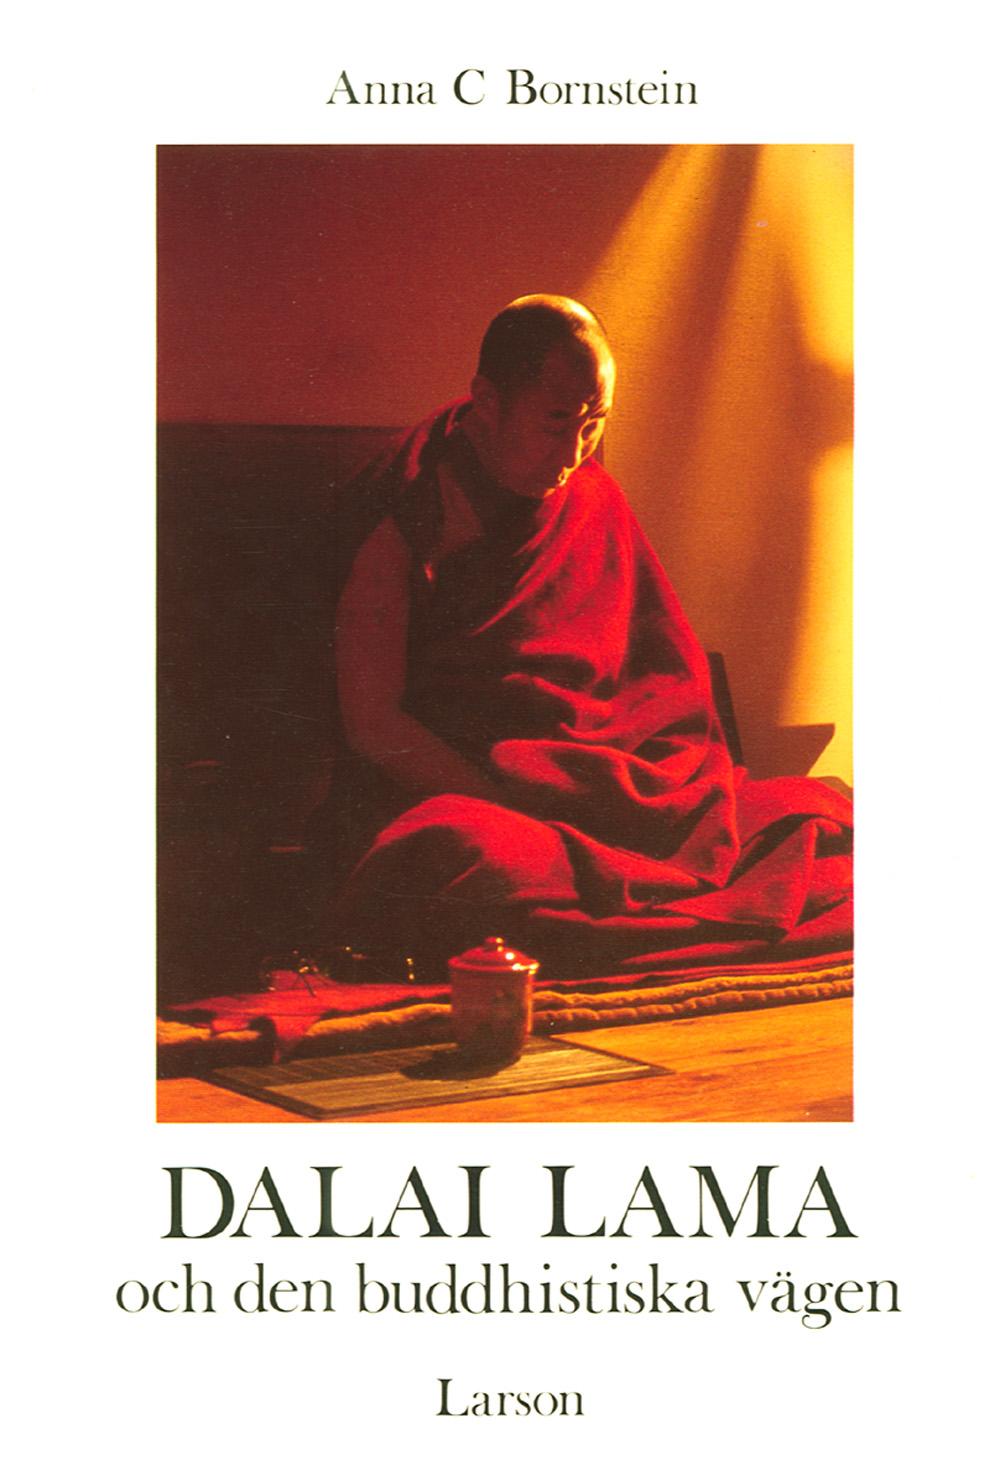 Dalai Lama och den buddhistiska vägen av Anna Bornstein